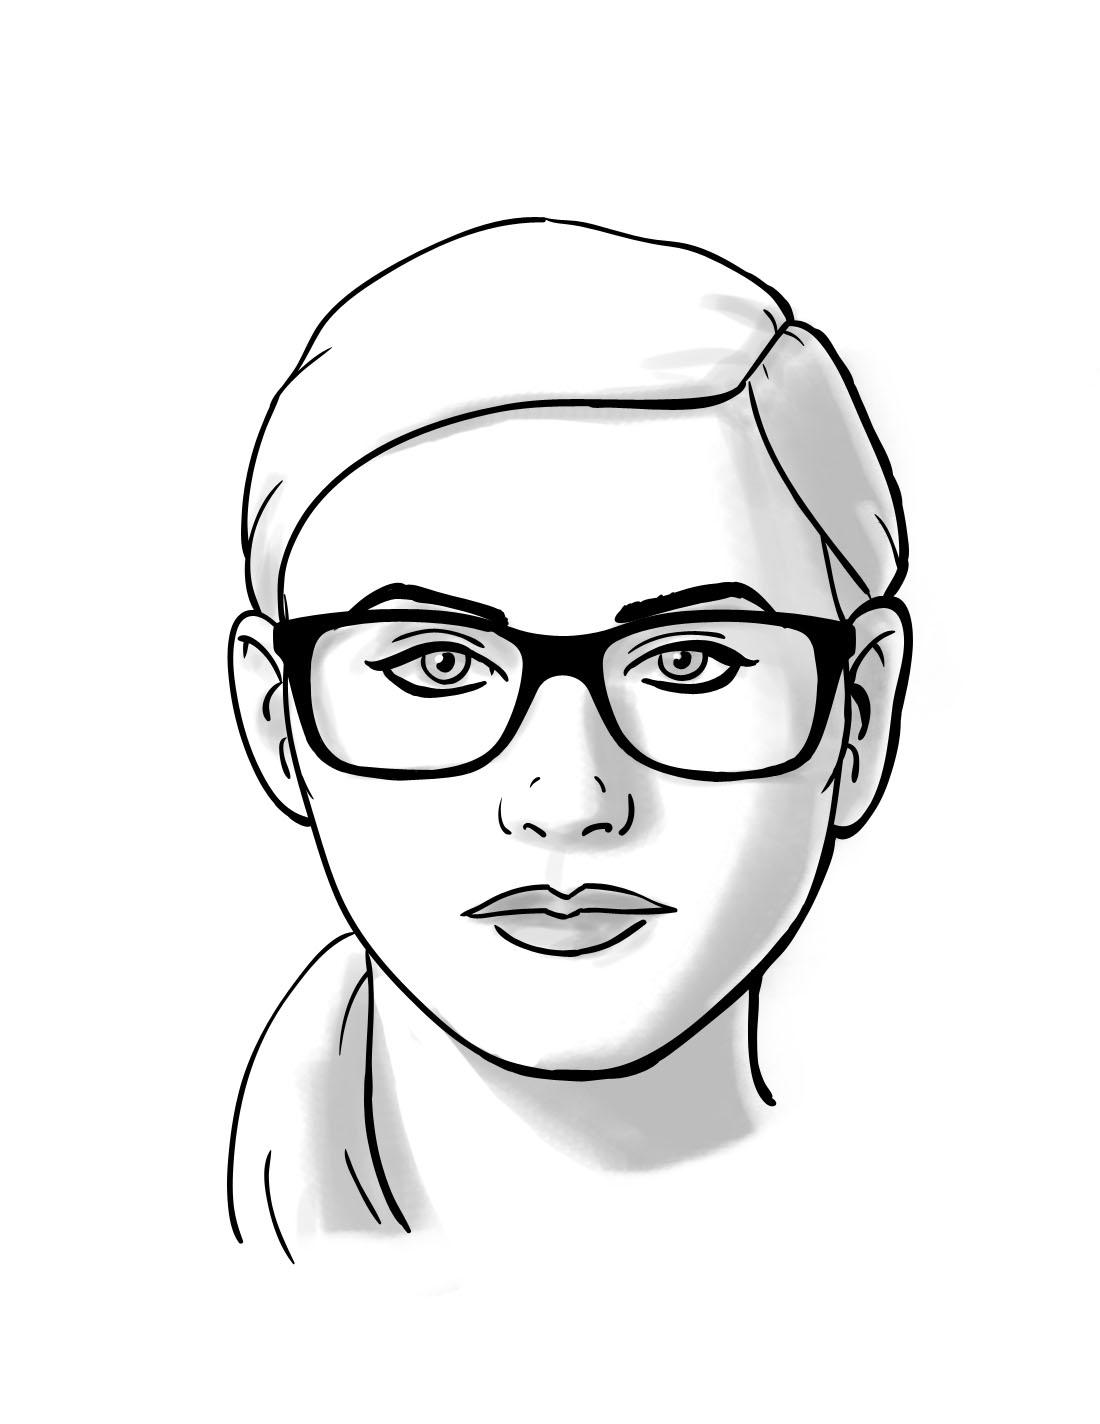 OKRUGLO Kao što samo ime kaže, ovo je oblik bez oštrih uglova sa tendencijom da bude najširi u predelu jagodica i zaobljen duž linija vilice i čela.Dužina lica je jednaka ili približno jednaka njegovoj širini.